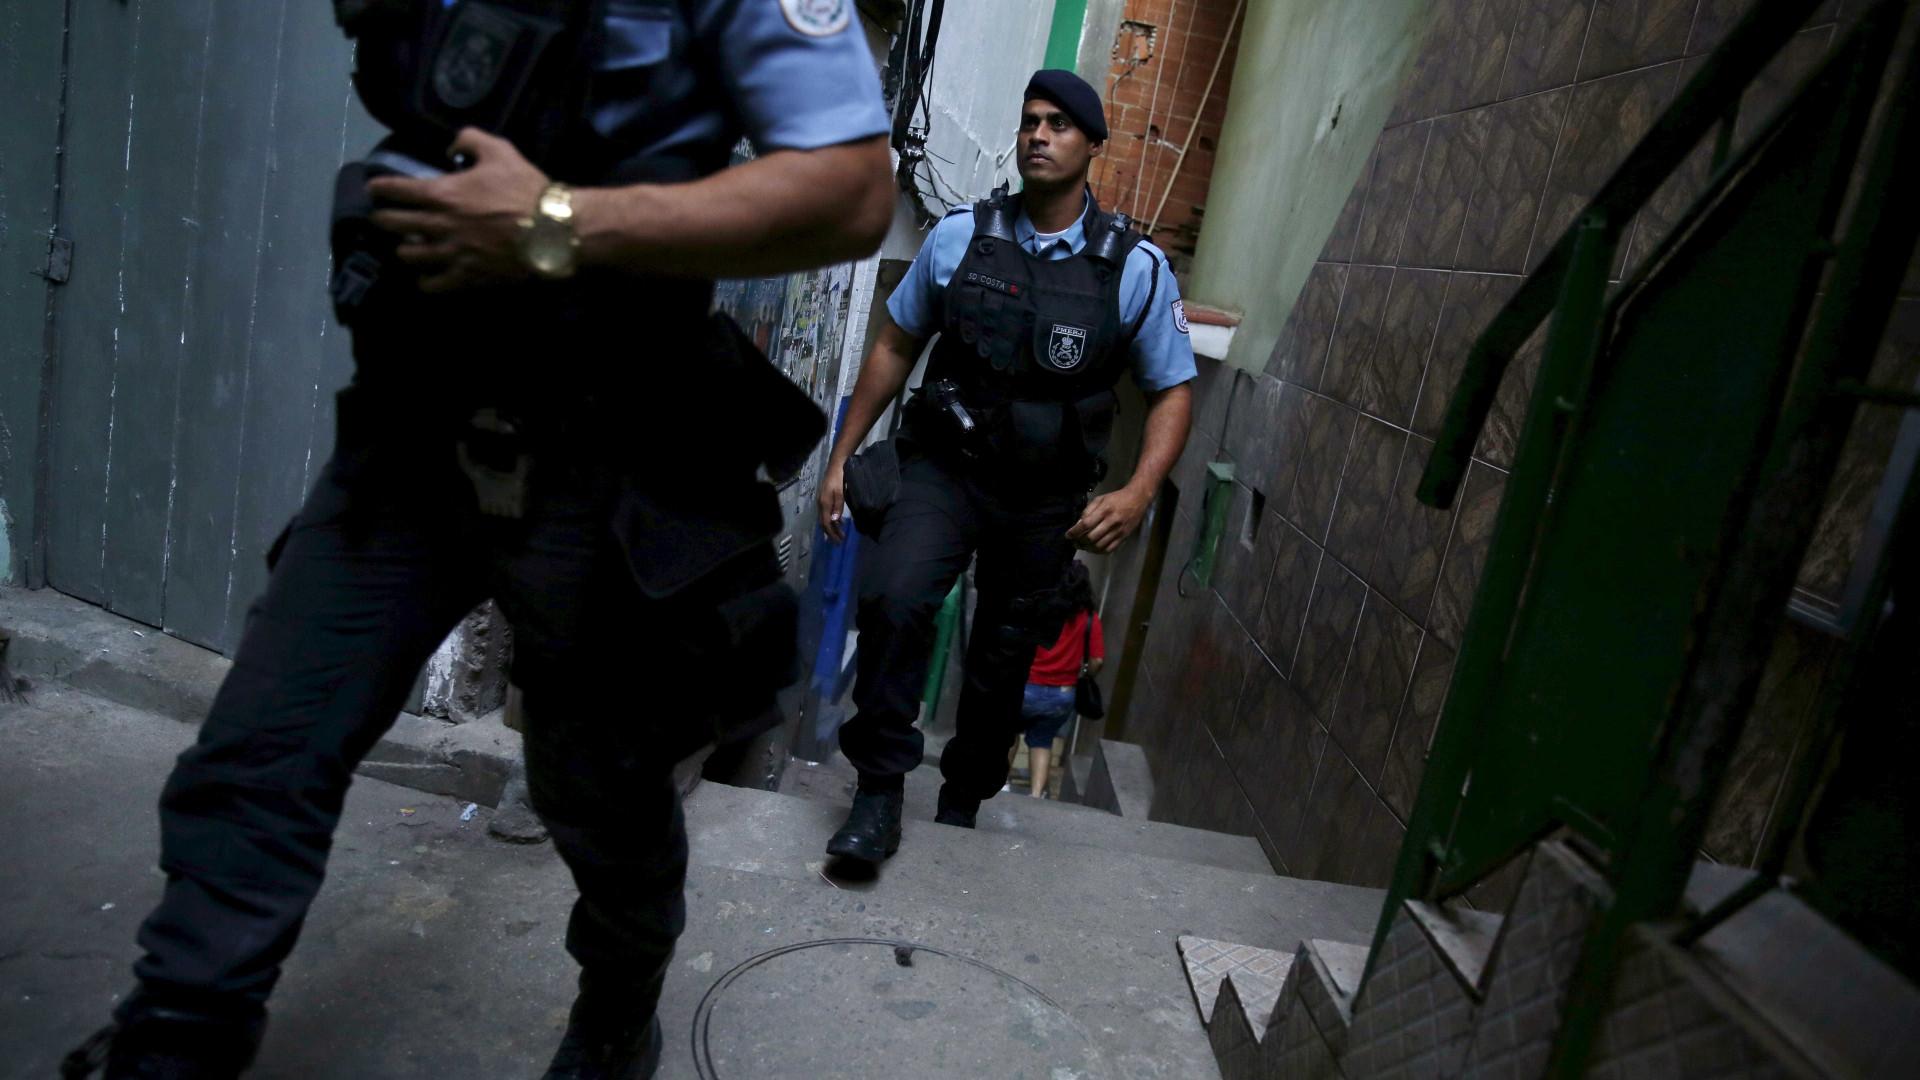 Polícia faz operação contra milícia no Rio de Janeiro